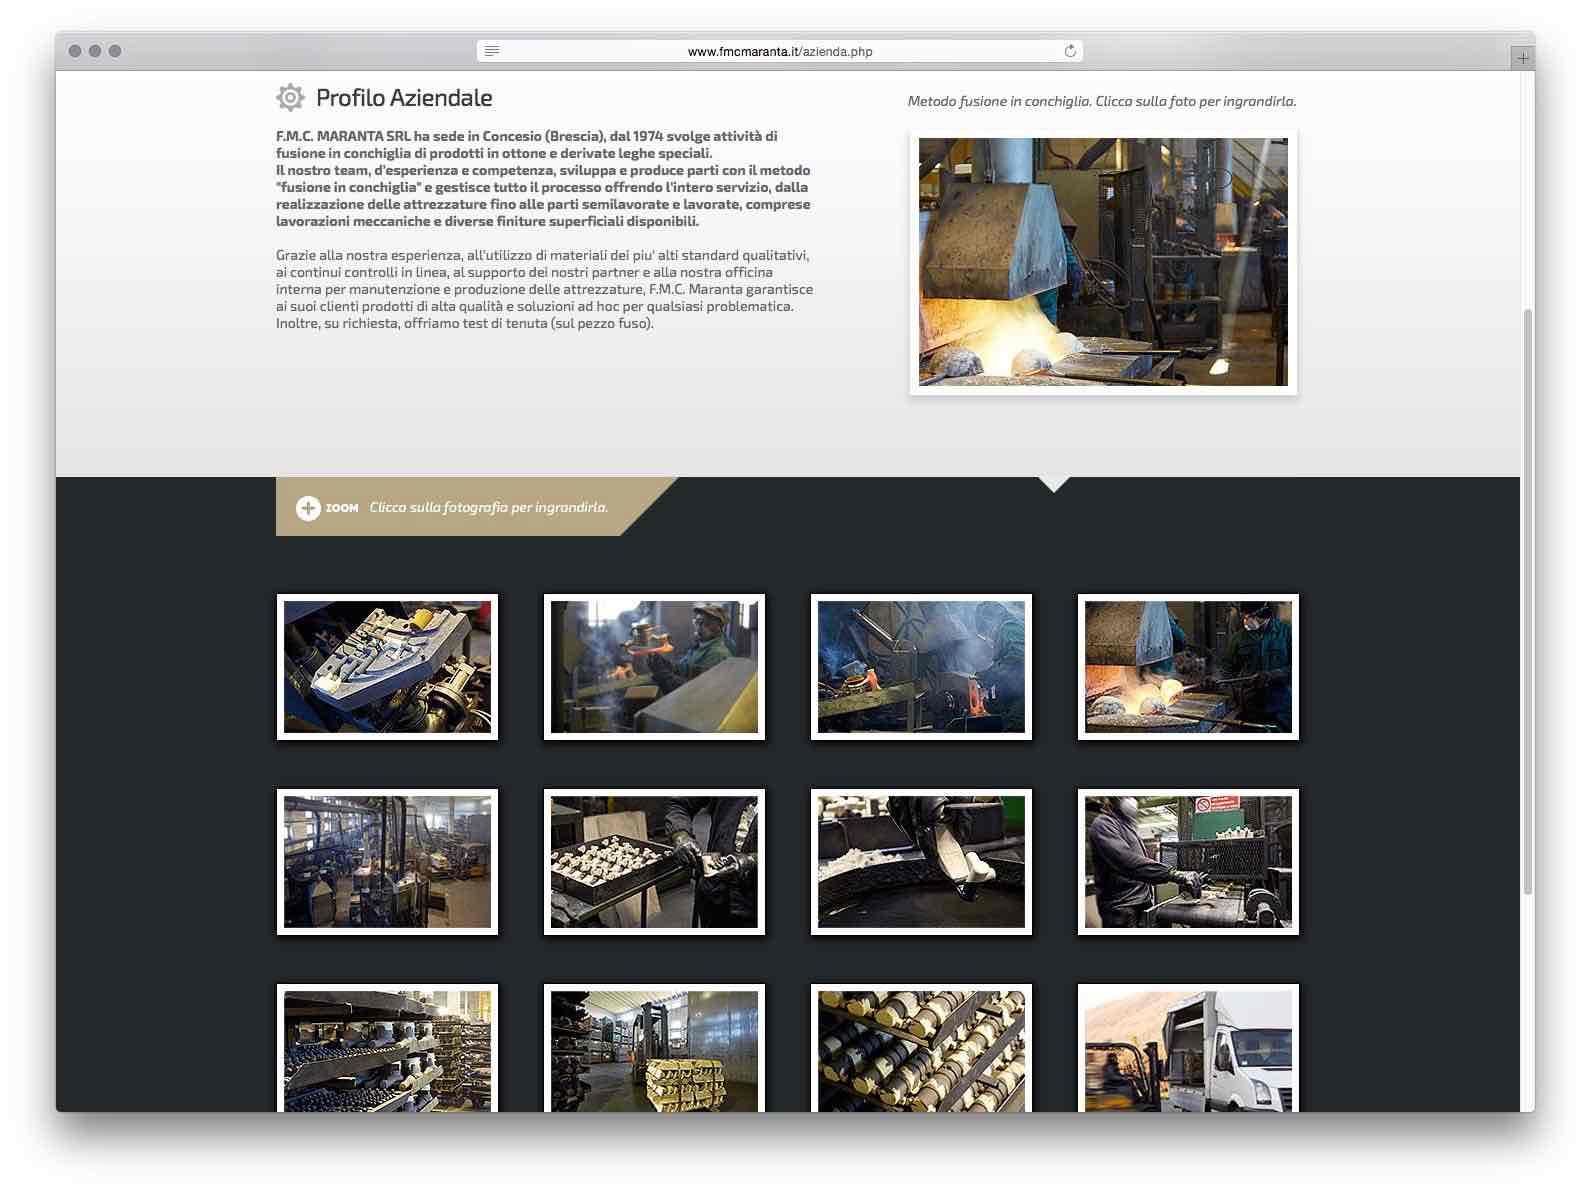 Creazione Siti Web Brescia - Sito Web FMC Maranta